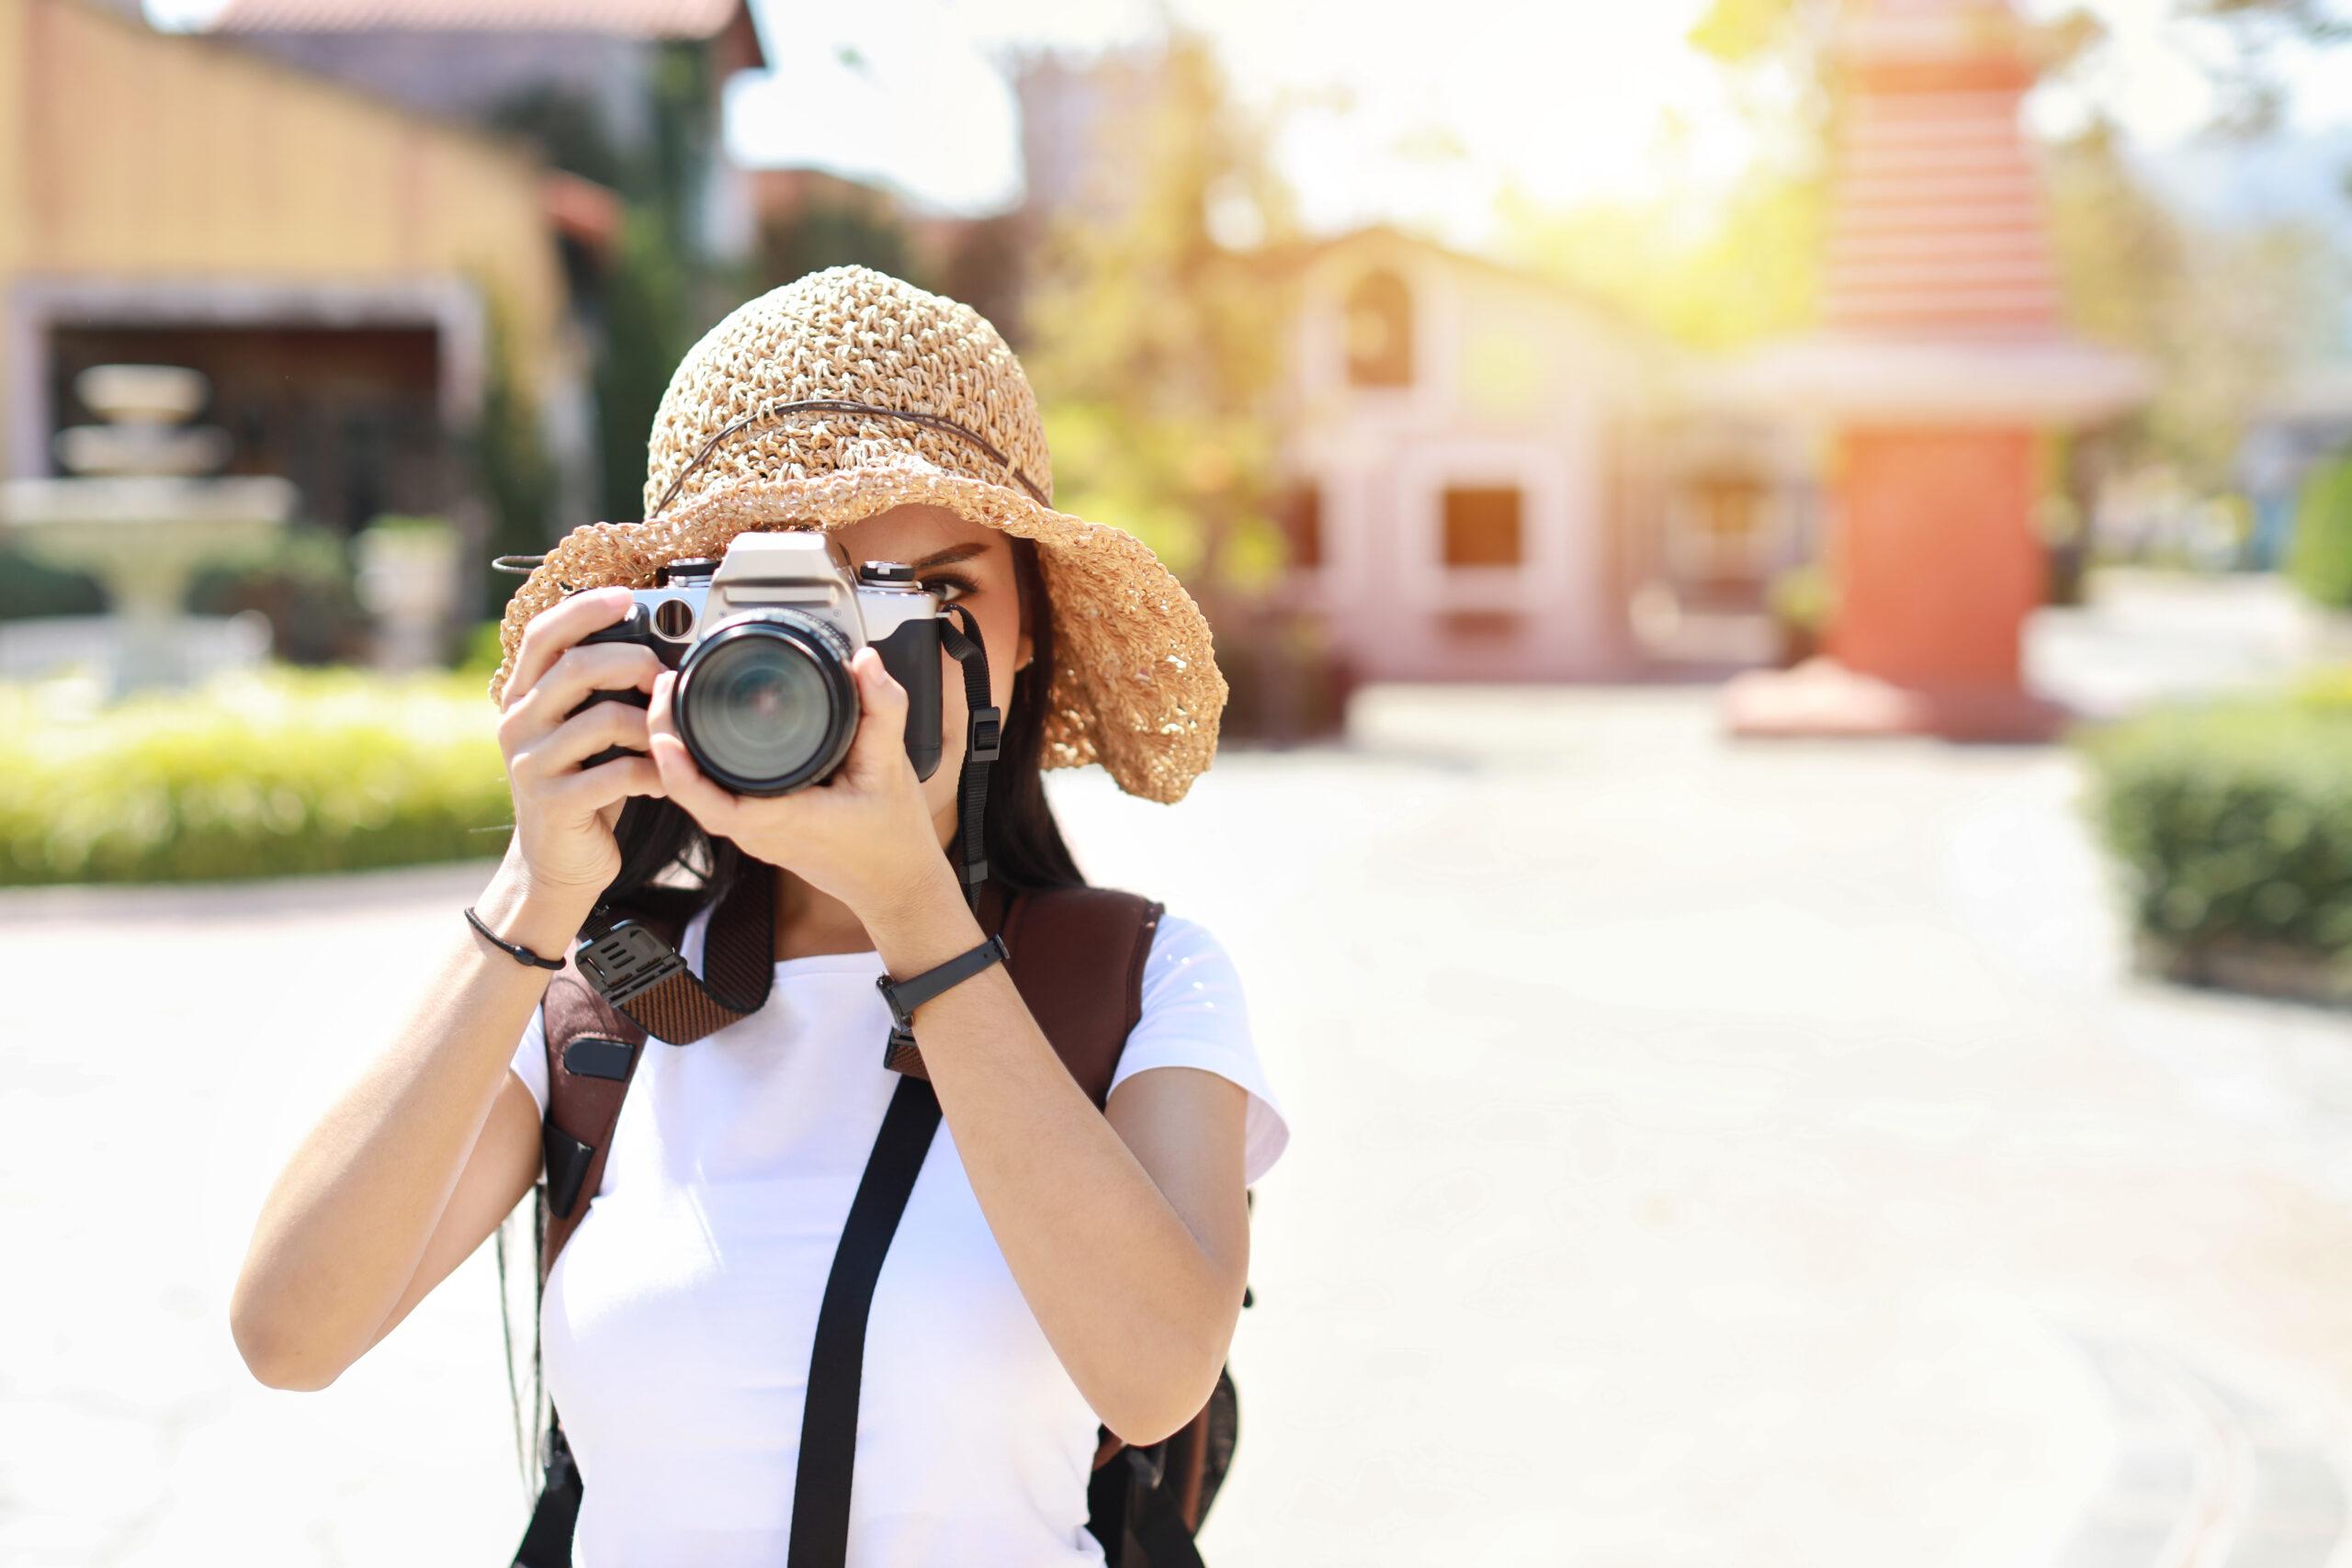 Fotógrafa tomando fotos en la calle